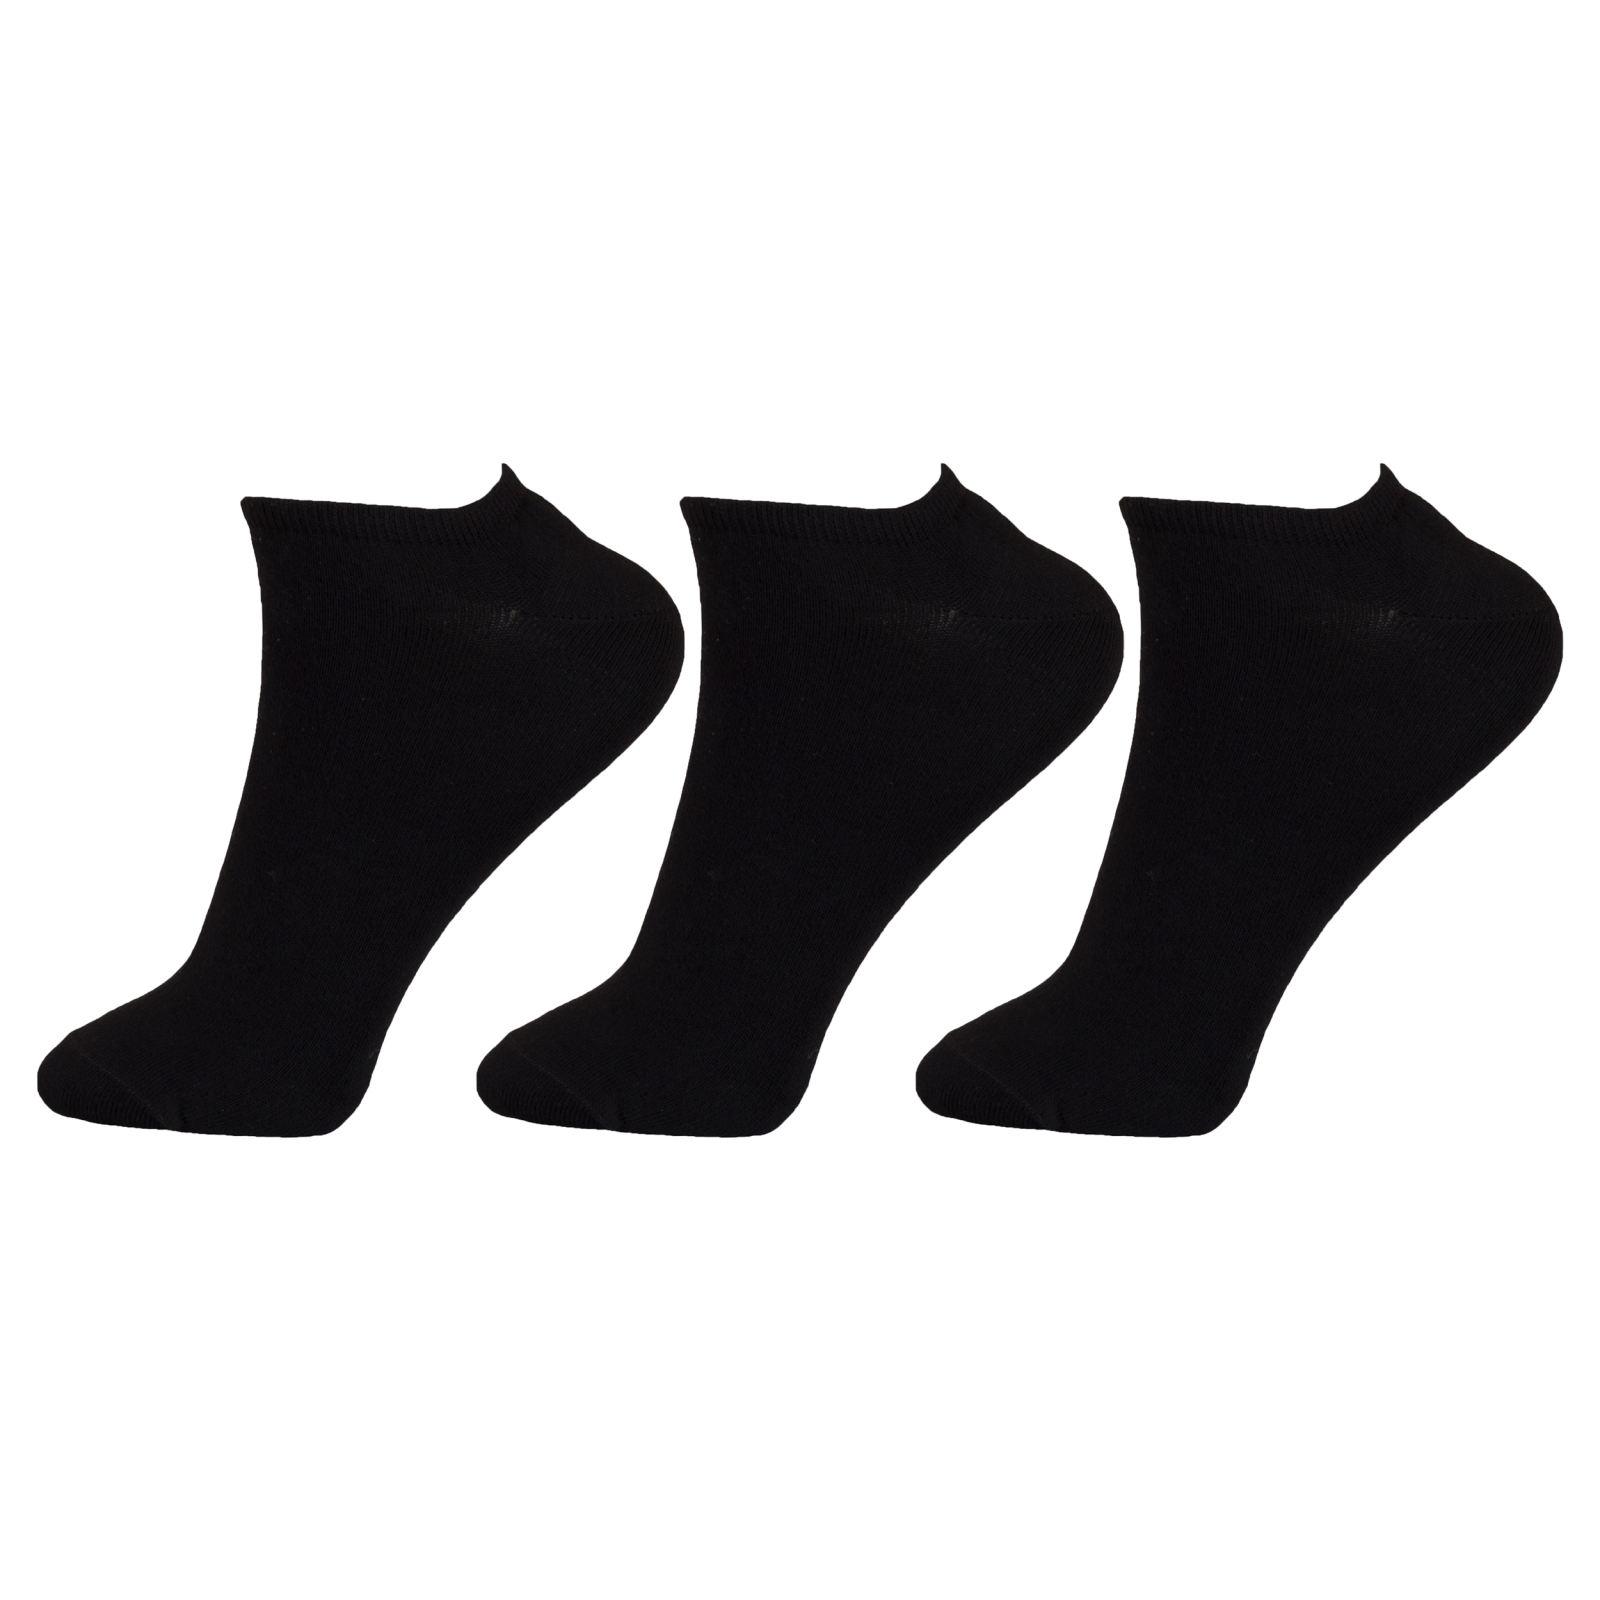 جوراب مردانه مستر جوراب کد BL-MRM 103 بسته 3 عددی -  - 2